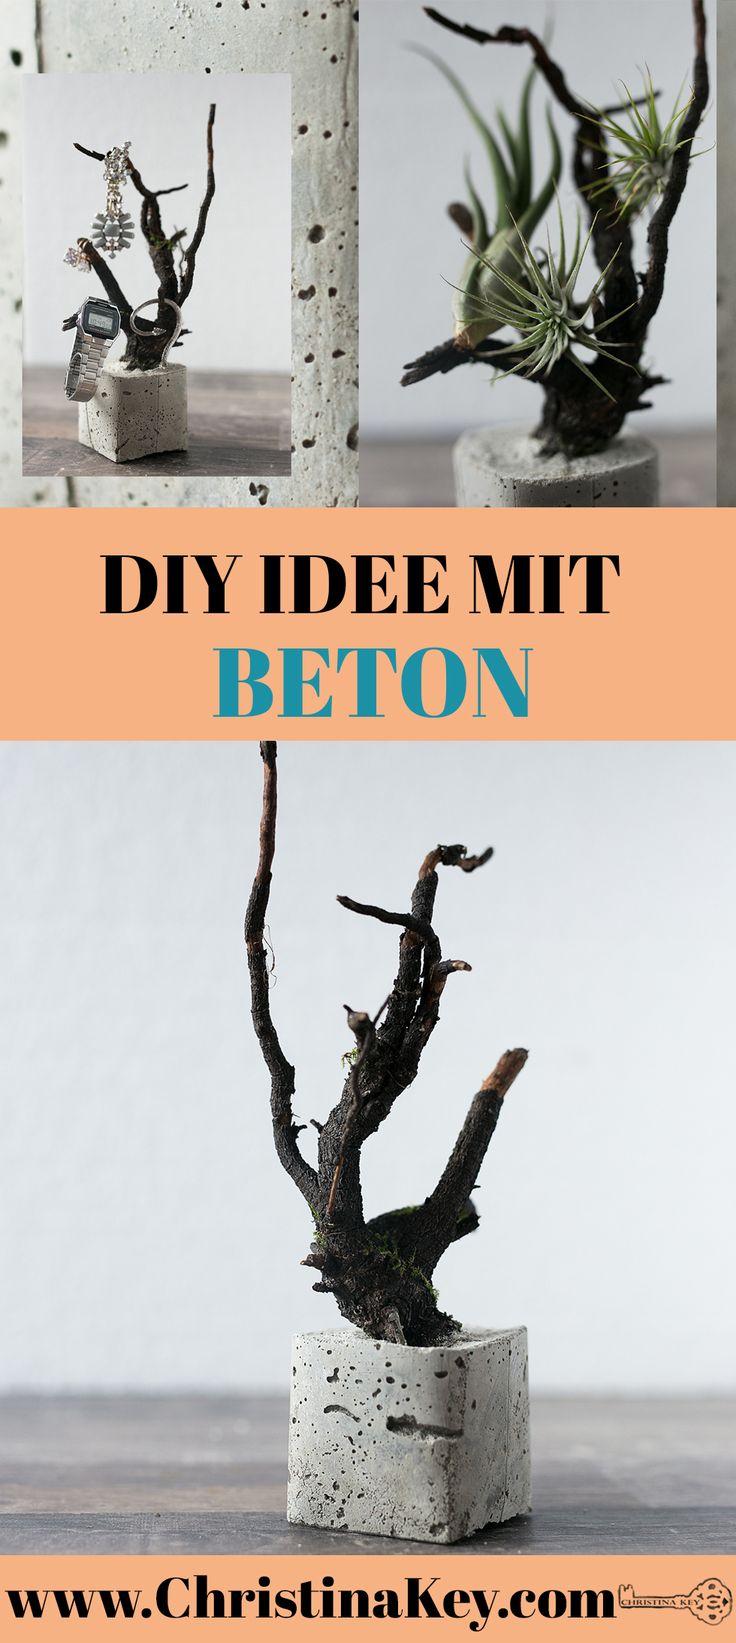 Hübsche Beton DIY Idee - BETON BAUM - Das aufregendste und schönste DIY Projekt der Saison! Entdecke jetzt die ganze Anleitung mit Video und noch mehr Fotos auf CHRISTINA KEY - dem Fotografie, Blogger Tipps, Fashion, Lifestyle und Food Blog aus Berlin, Deutschland